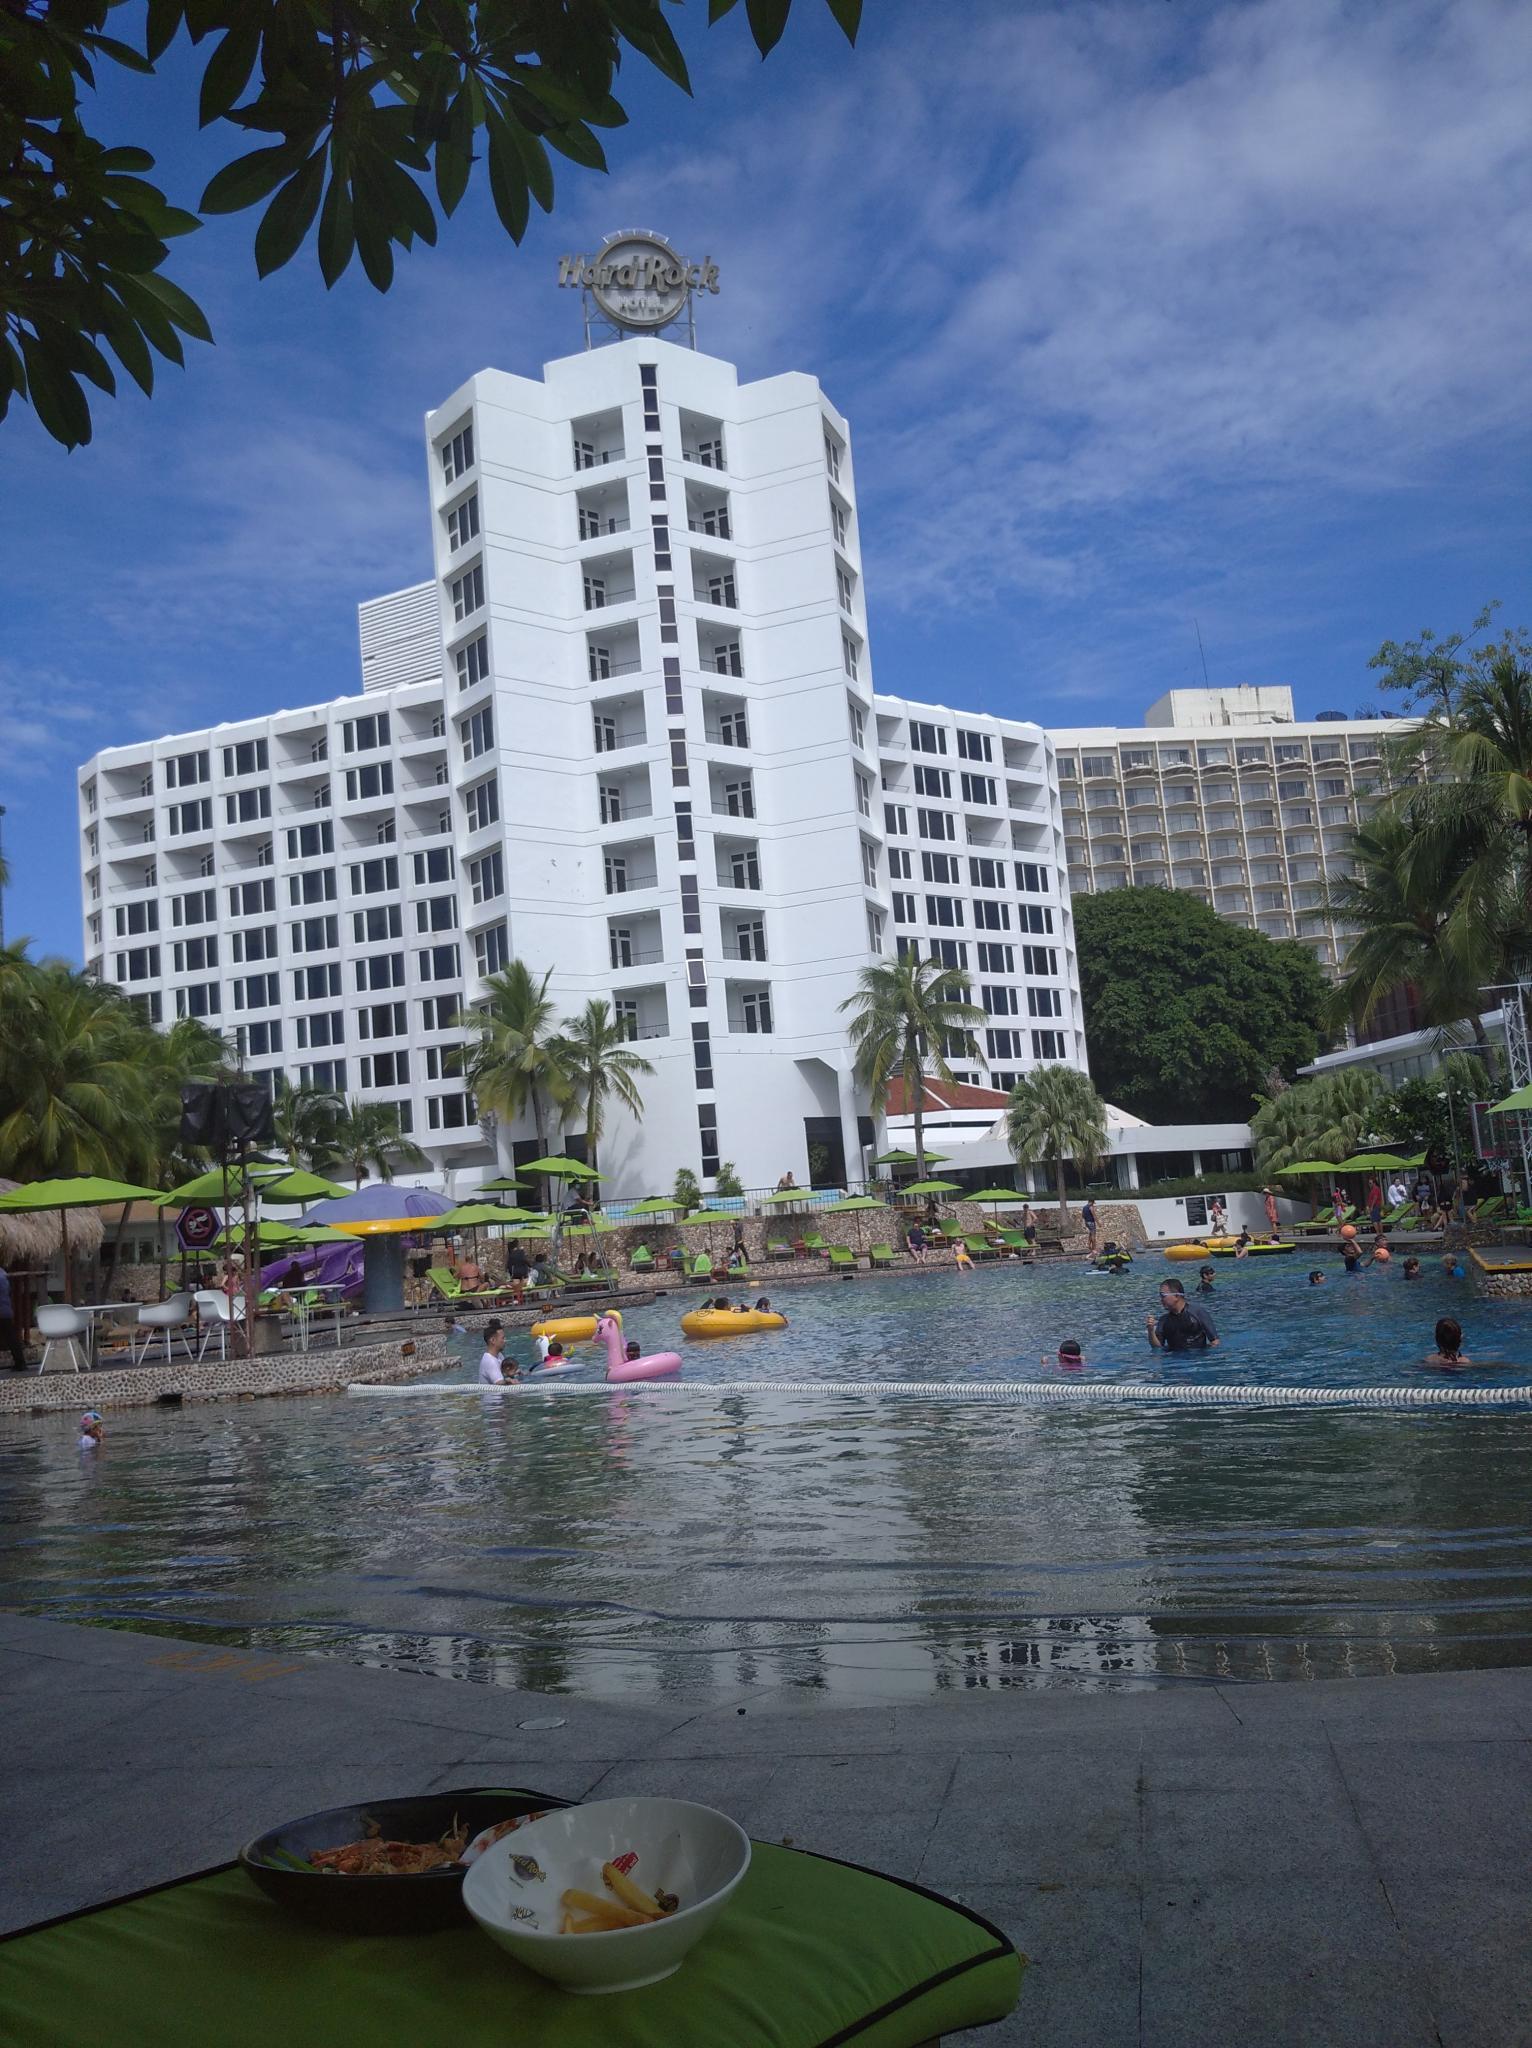 Pattaya This Weekend.-img_20200705_144858-jpg